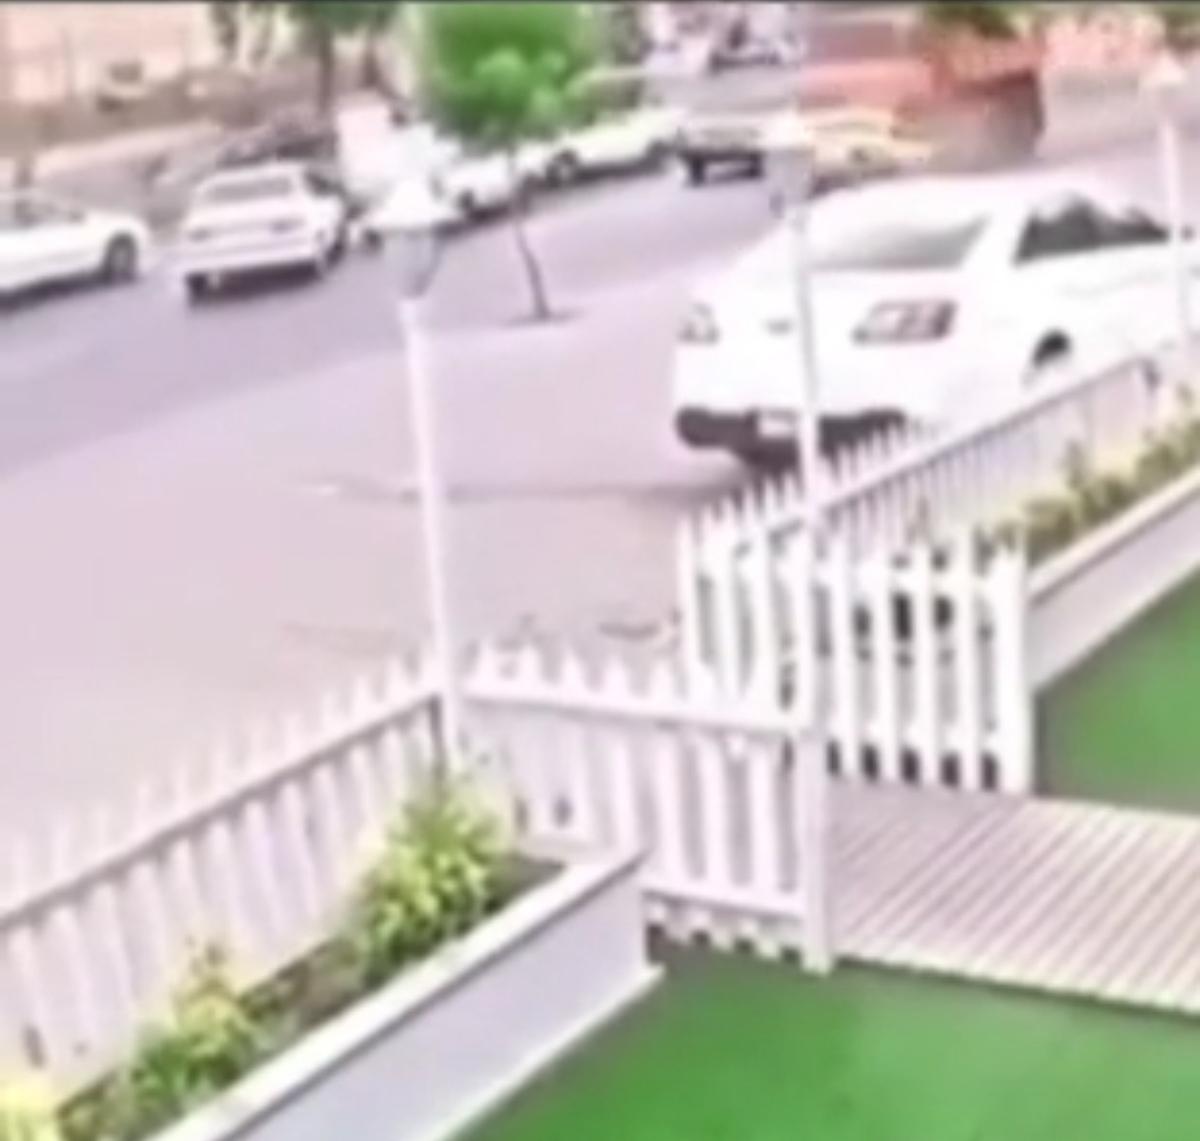 ترمز بریدن وحشتناک کامیون در رشت + ویدئو